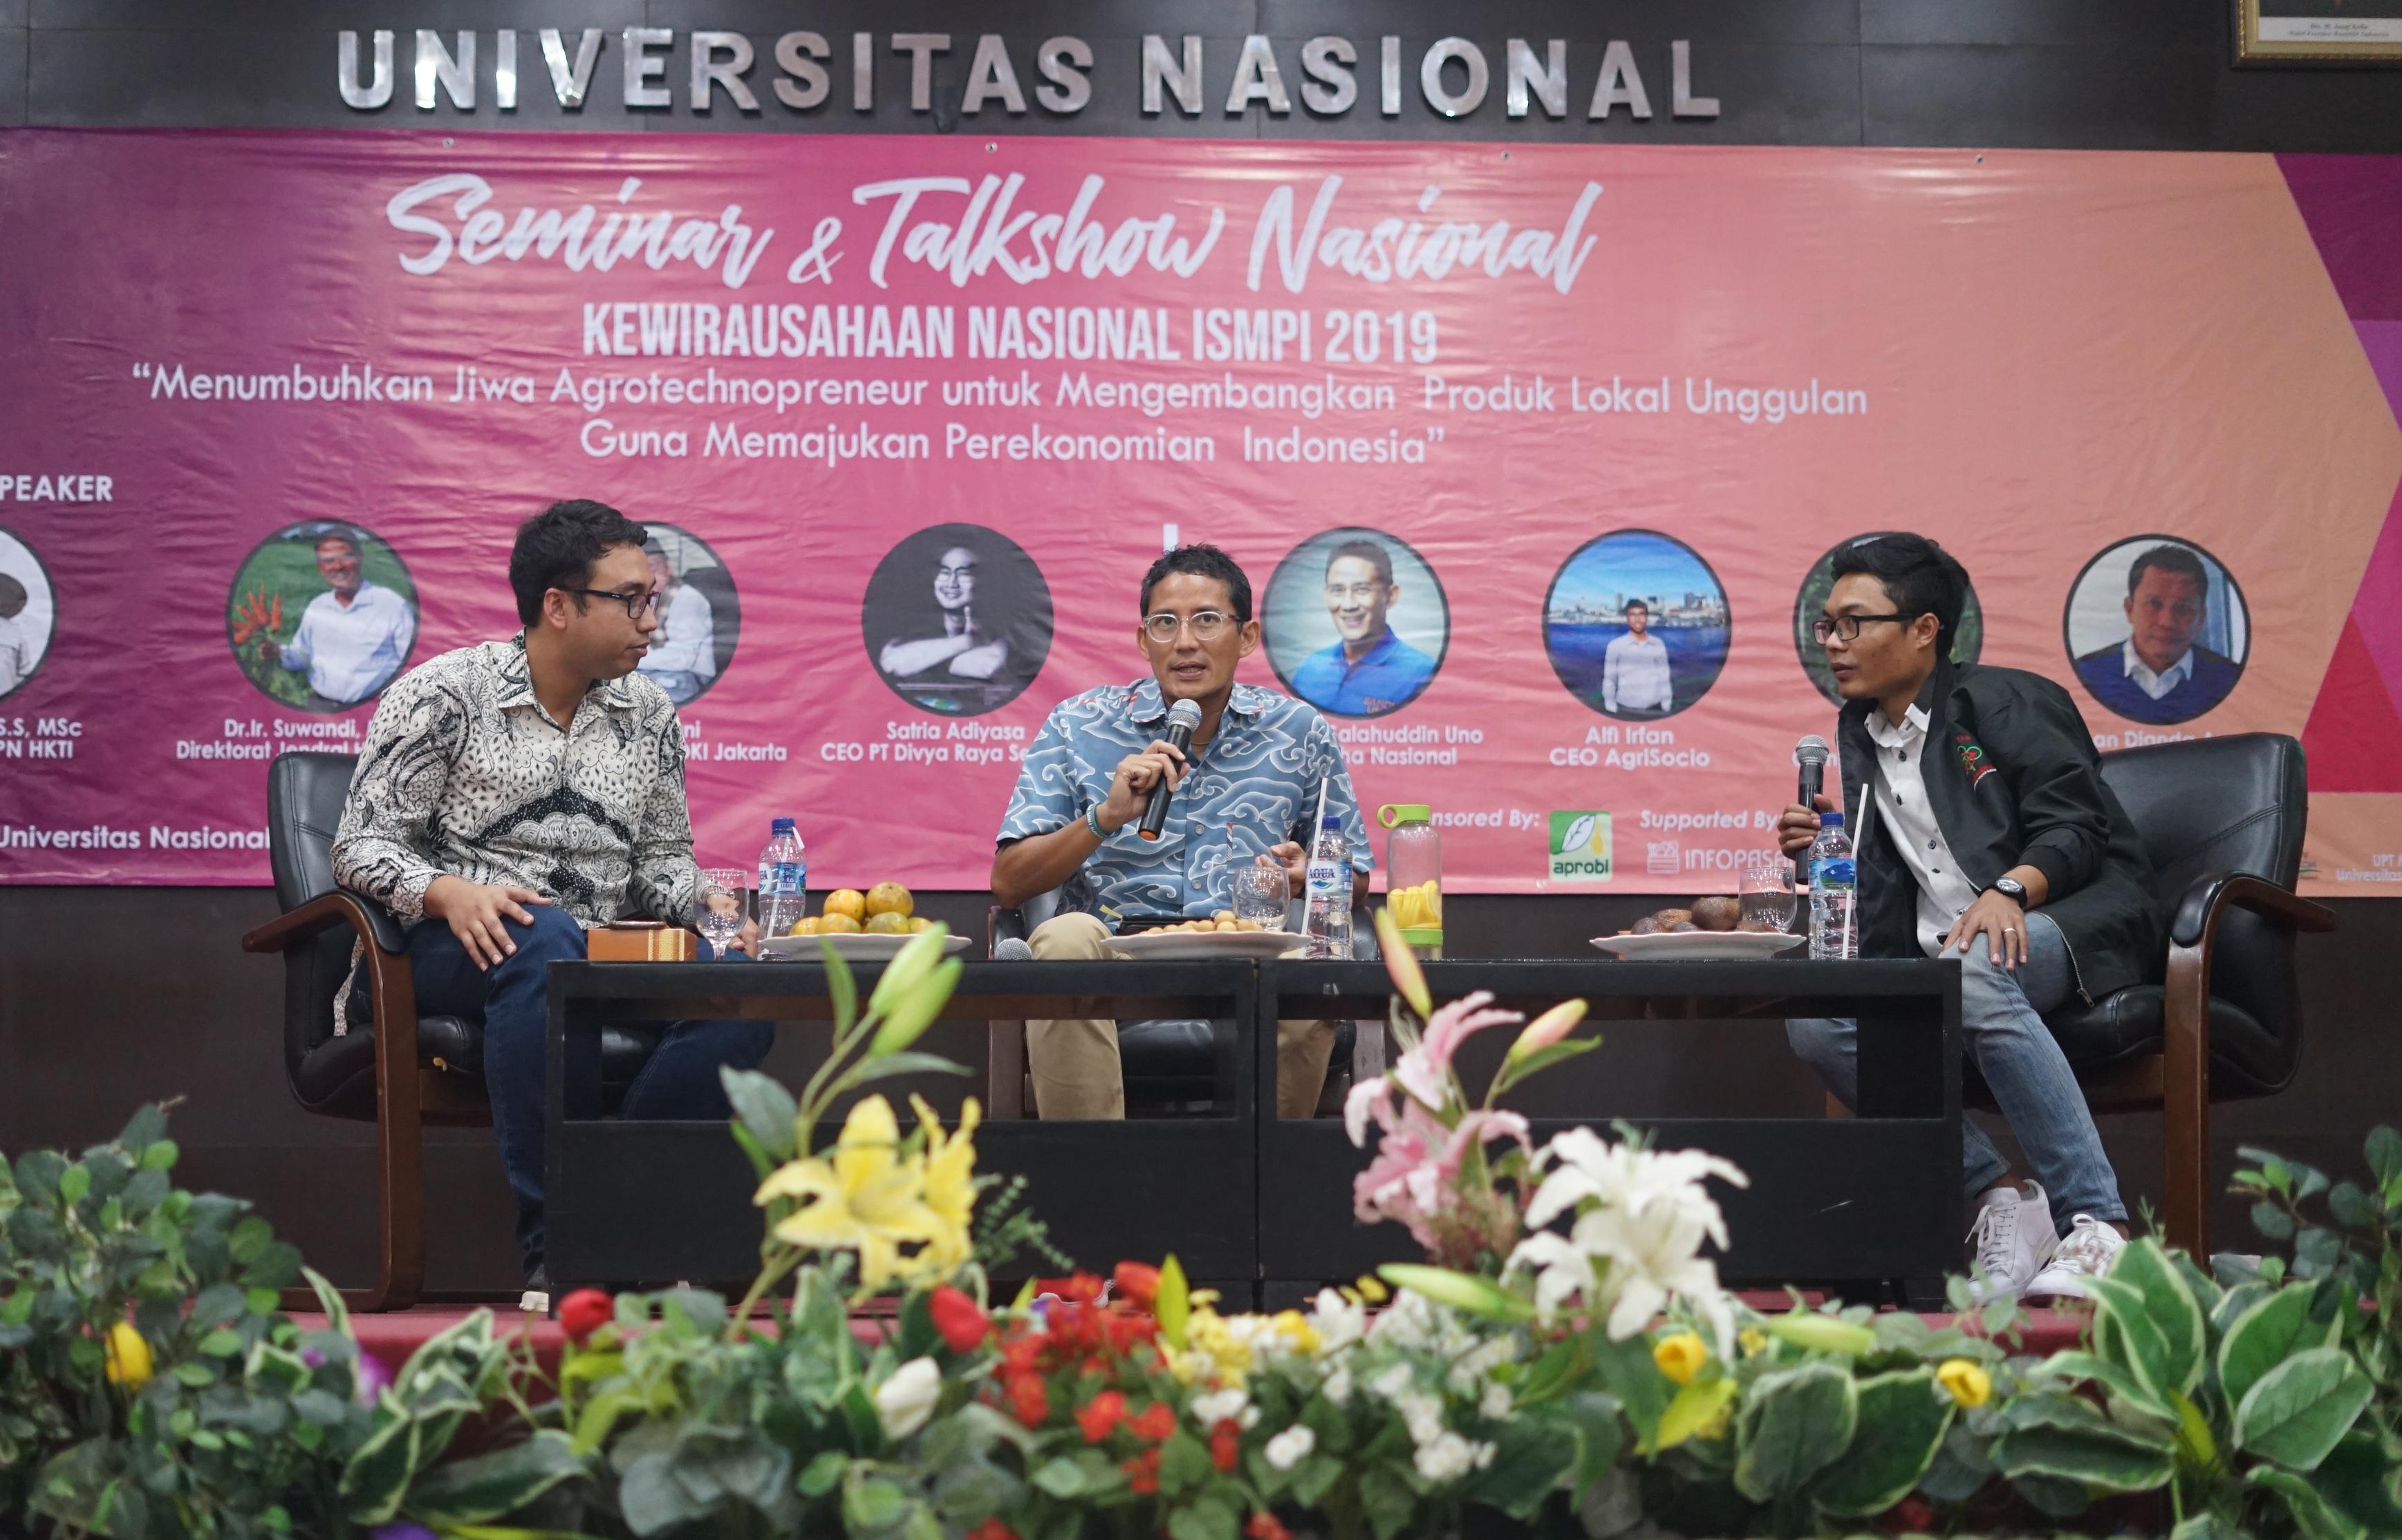 Menjadi inspirasi bagi para pengusaha muda Sandiaga Uno membagi pengalaman dan ilmu menjadi menjadi pengusaha pada acara Kewirausahaan Nasional ISMPI di Kampus UNAS Pasar Minggu Jakarta Selatan, (10/7).